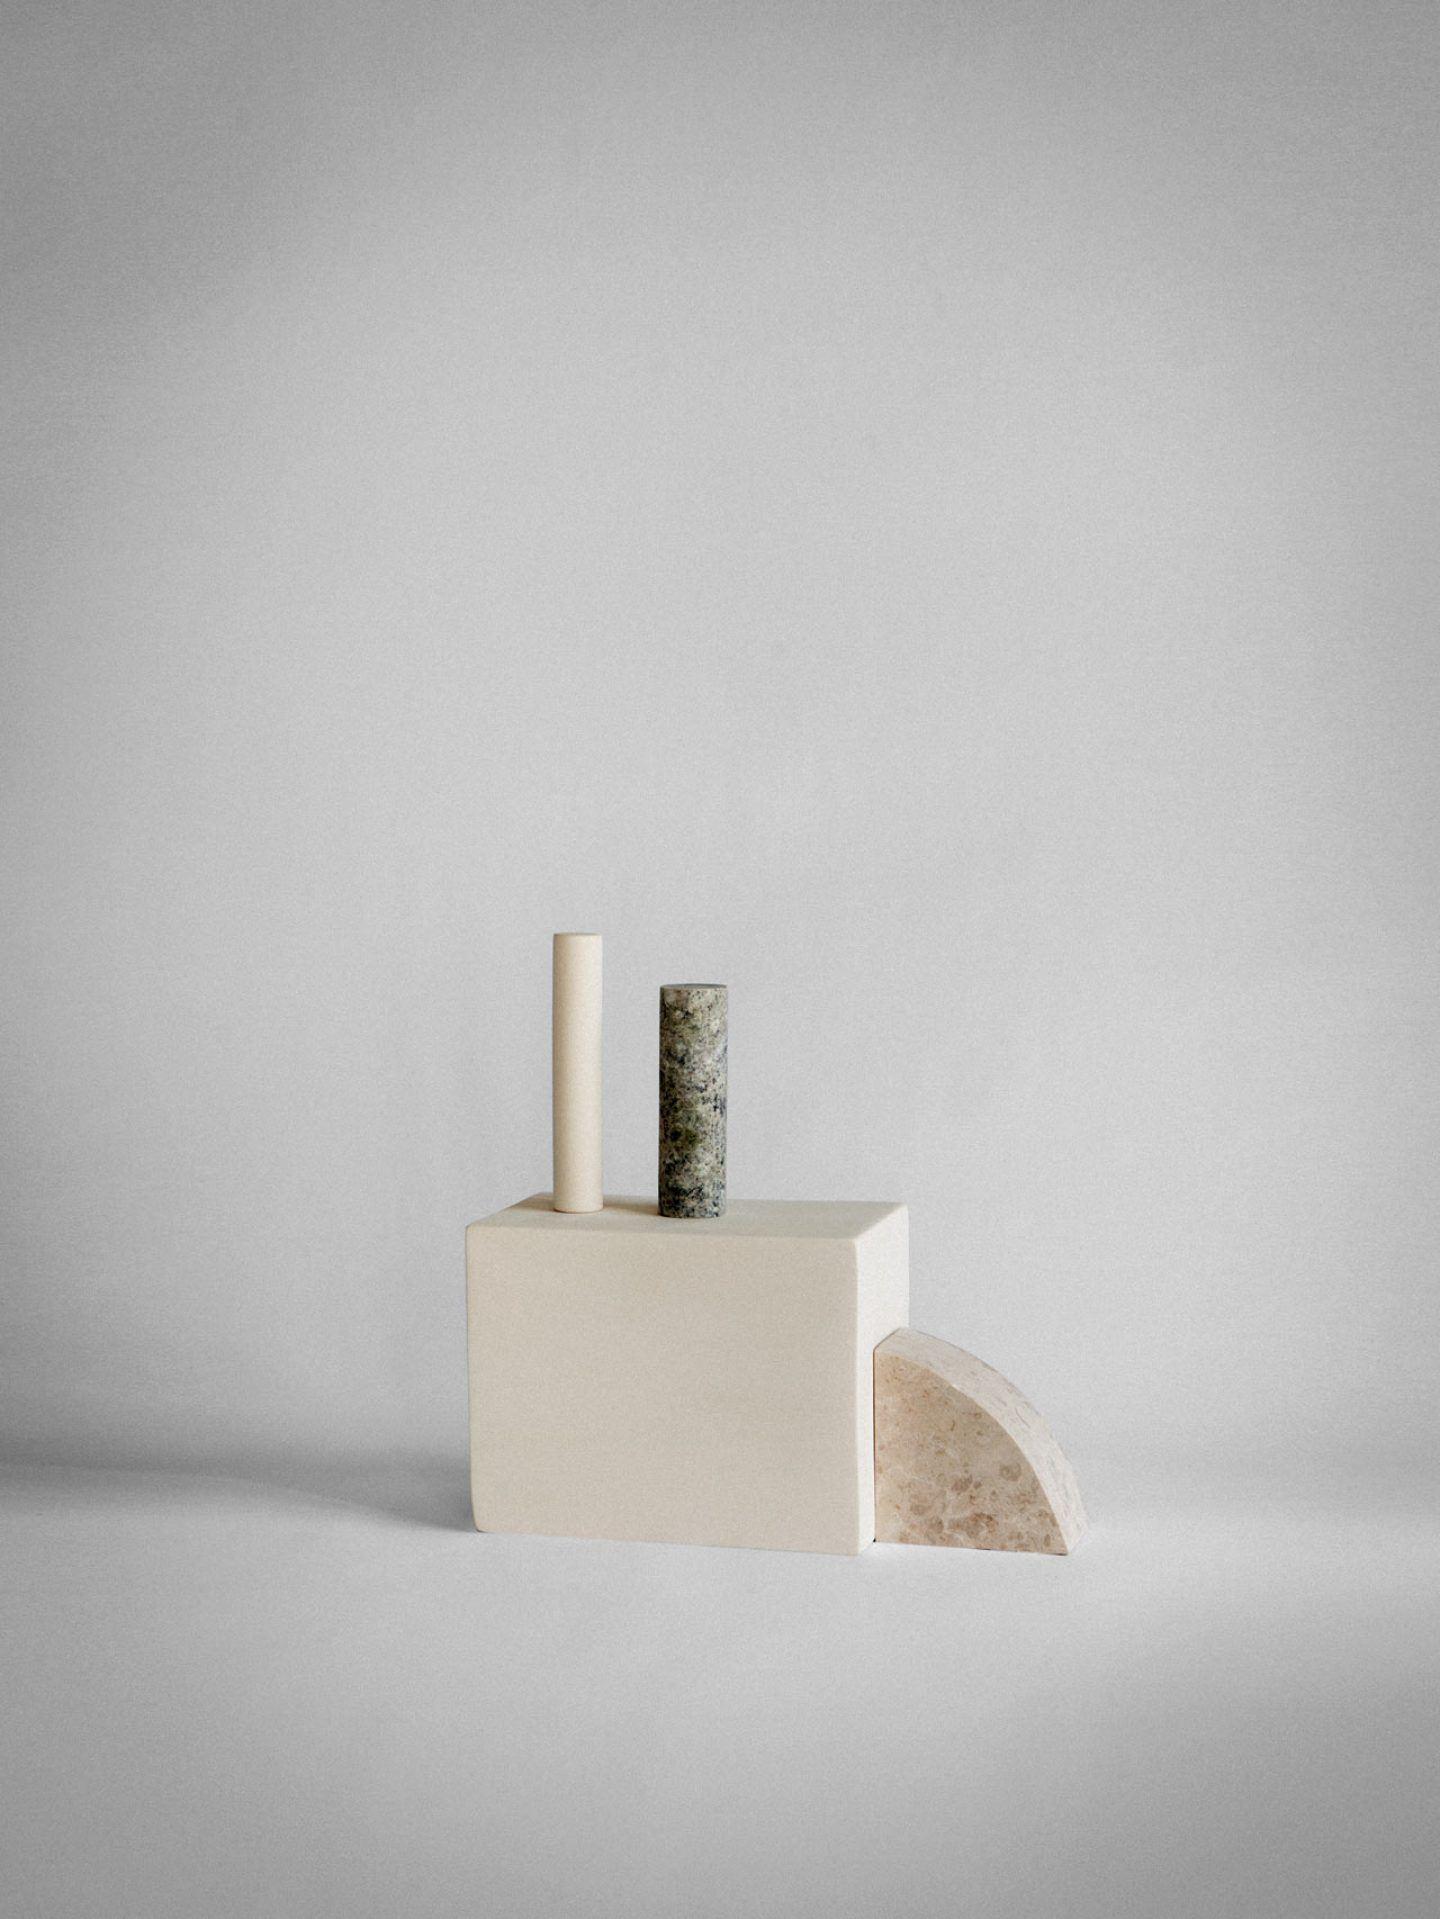 IGNANT-Design-Ossimorri-Studiopepe-7